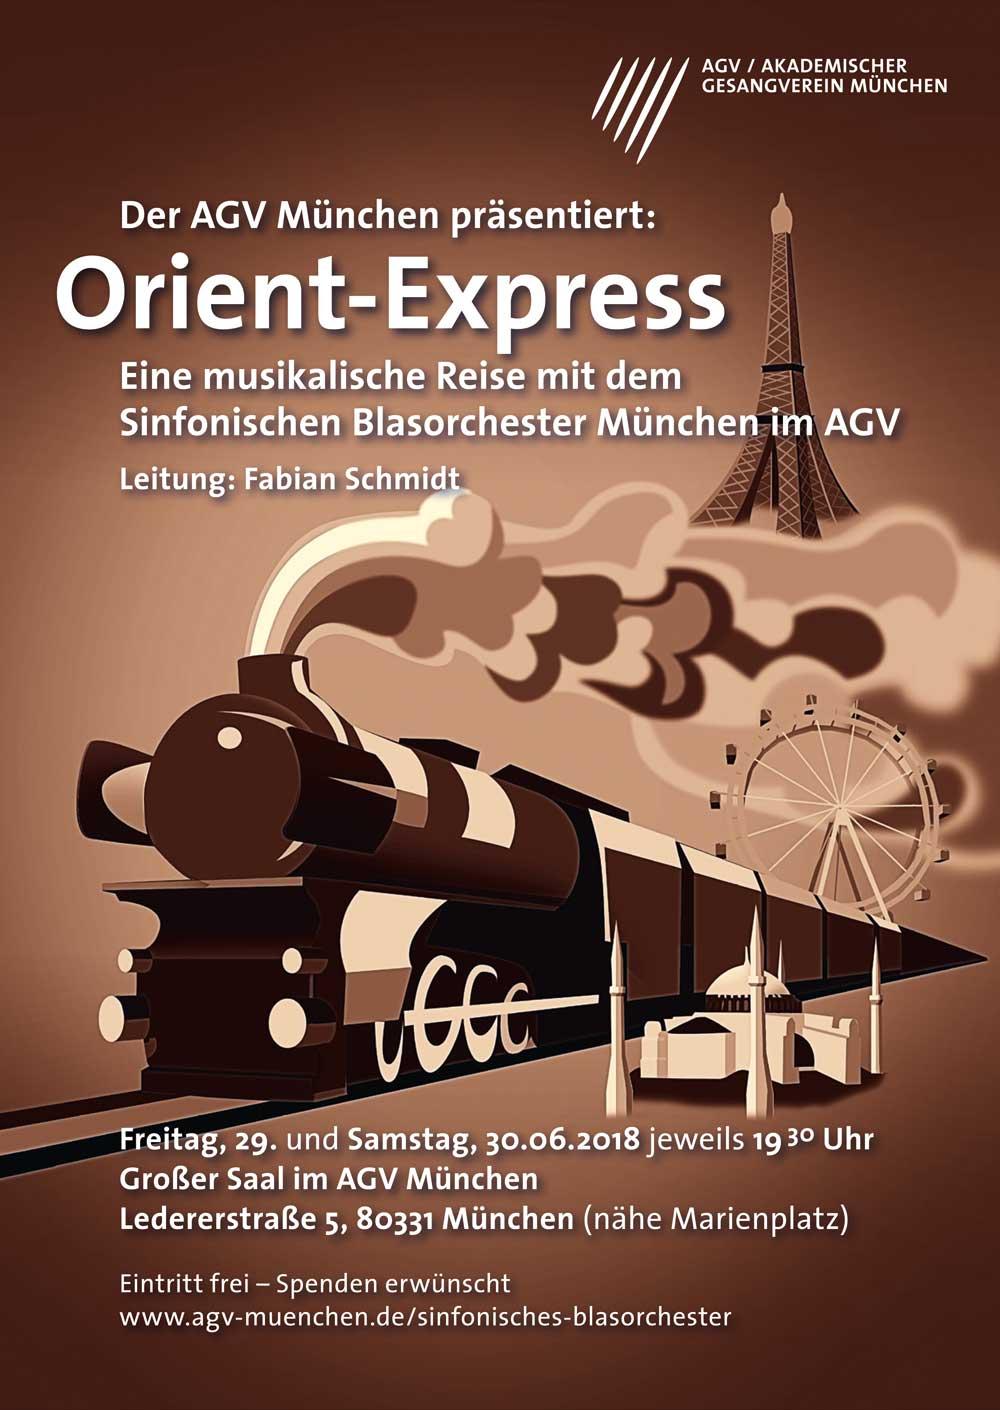 Akademischer Gesangsverein München Plakat Orientexpress